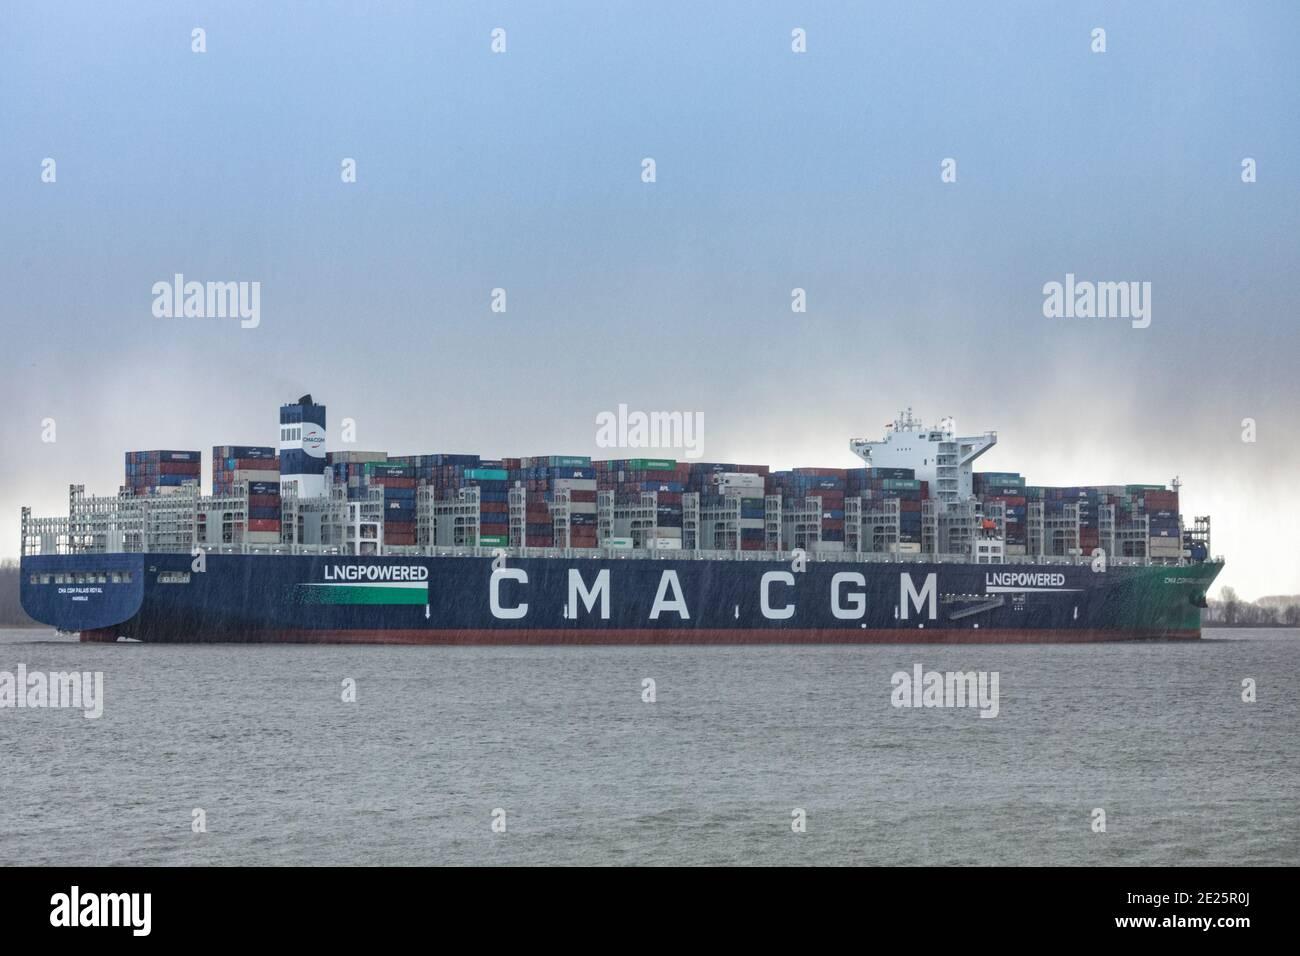 Stade, Allemagne - 12 janvier 2021 : le plus grand navire à gaz naturel liquéfié du monde, navire à conteneurs CMA CGM PALAIS ROYAL sur l'Elbe en direction de Hambourg Banque D'Images